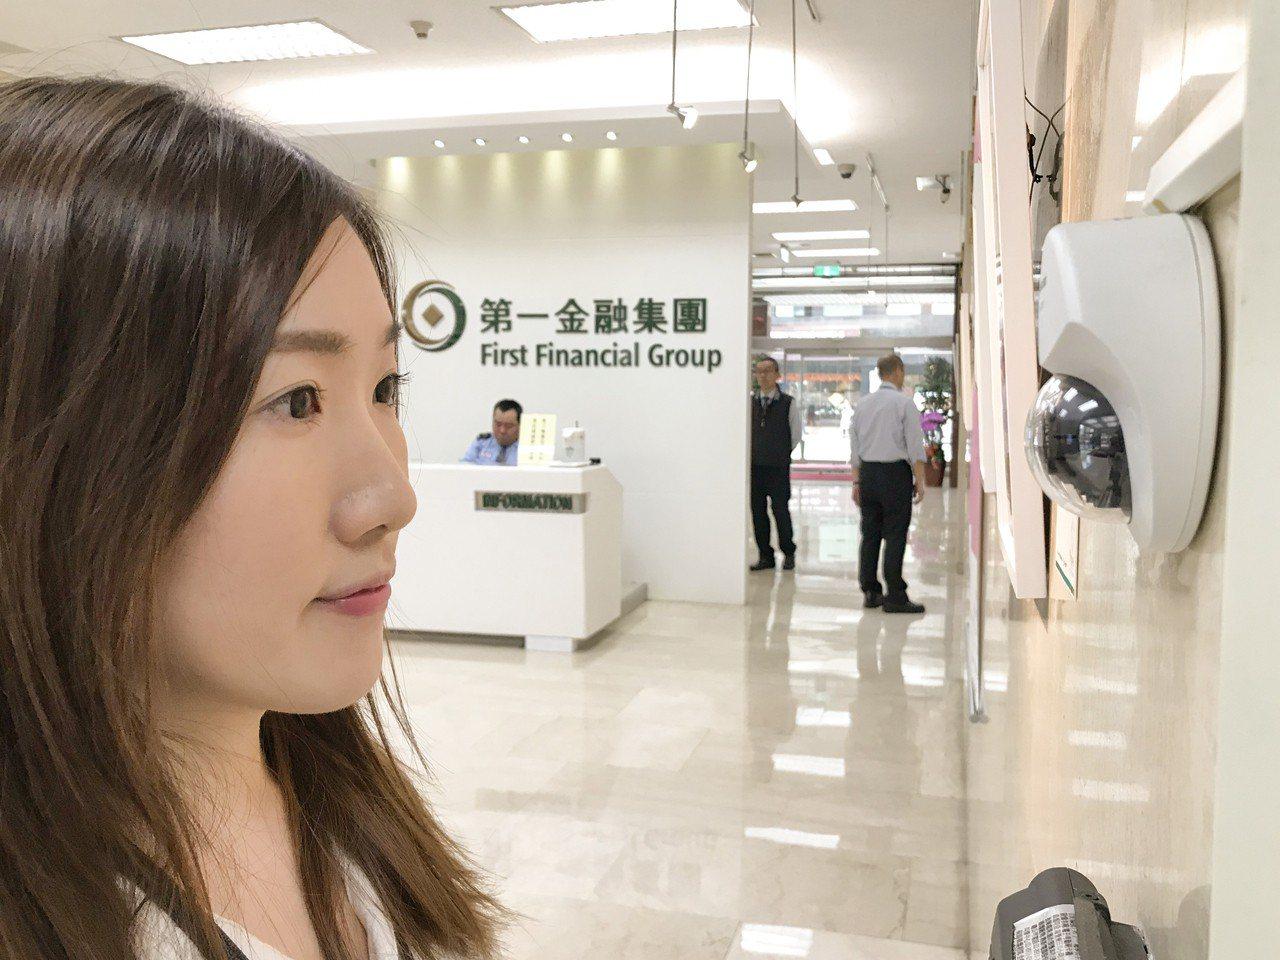 第一銀行正式推出員工「人臉辨識」差勤管理,達成一秒內多人同步完成識別,為金融業首...